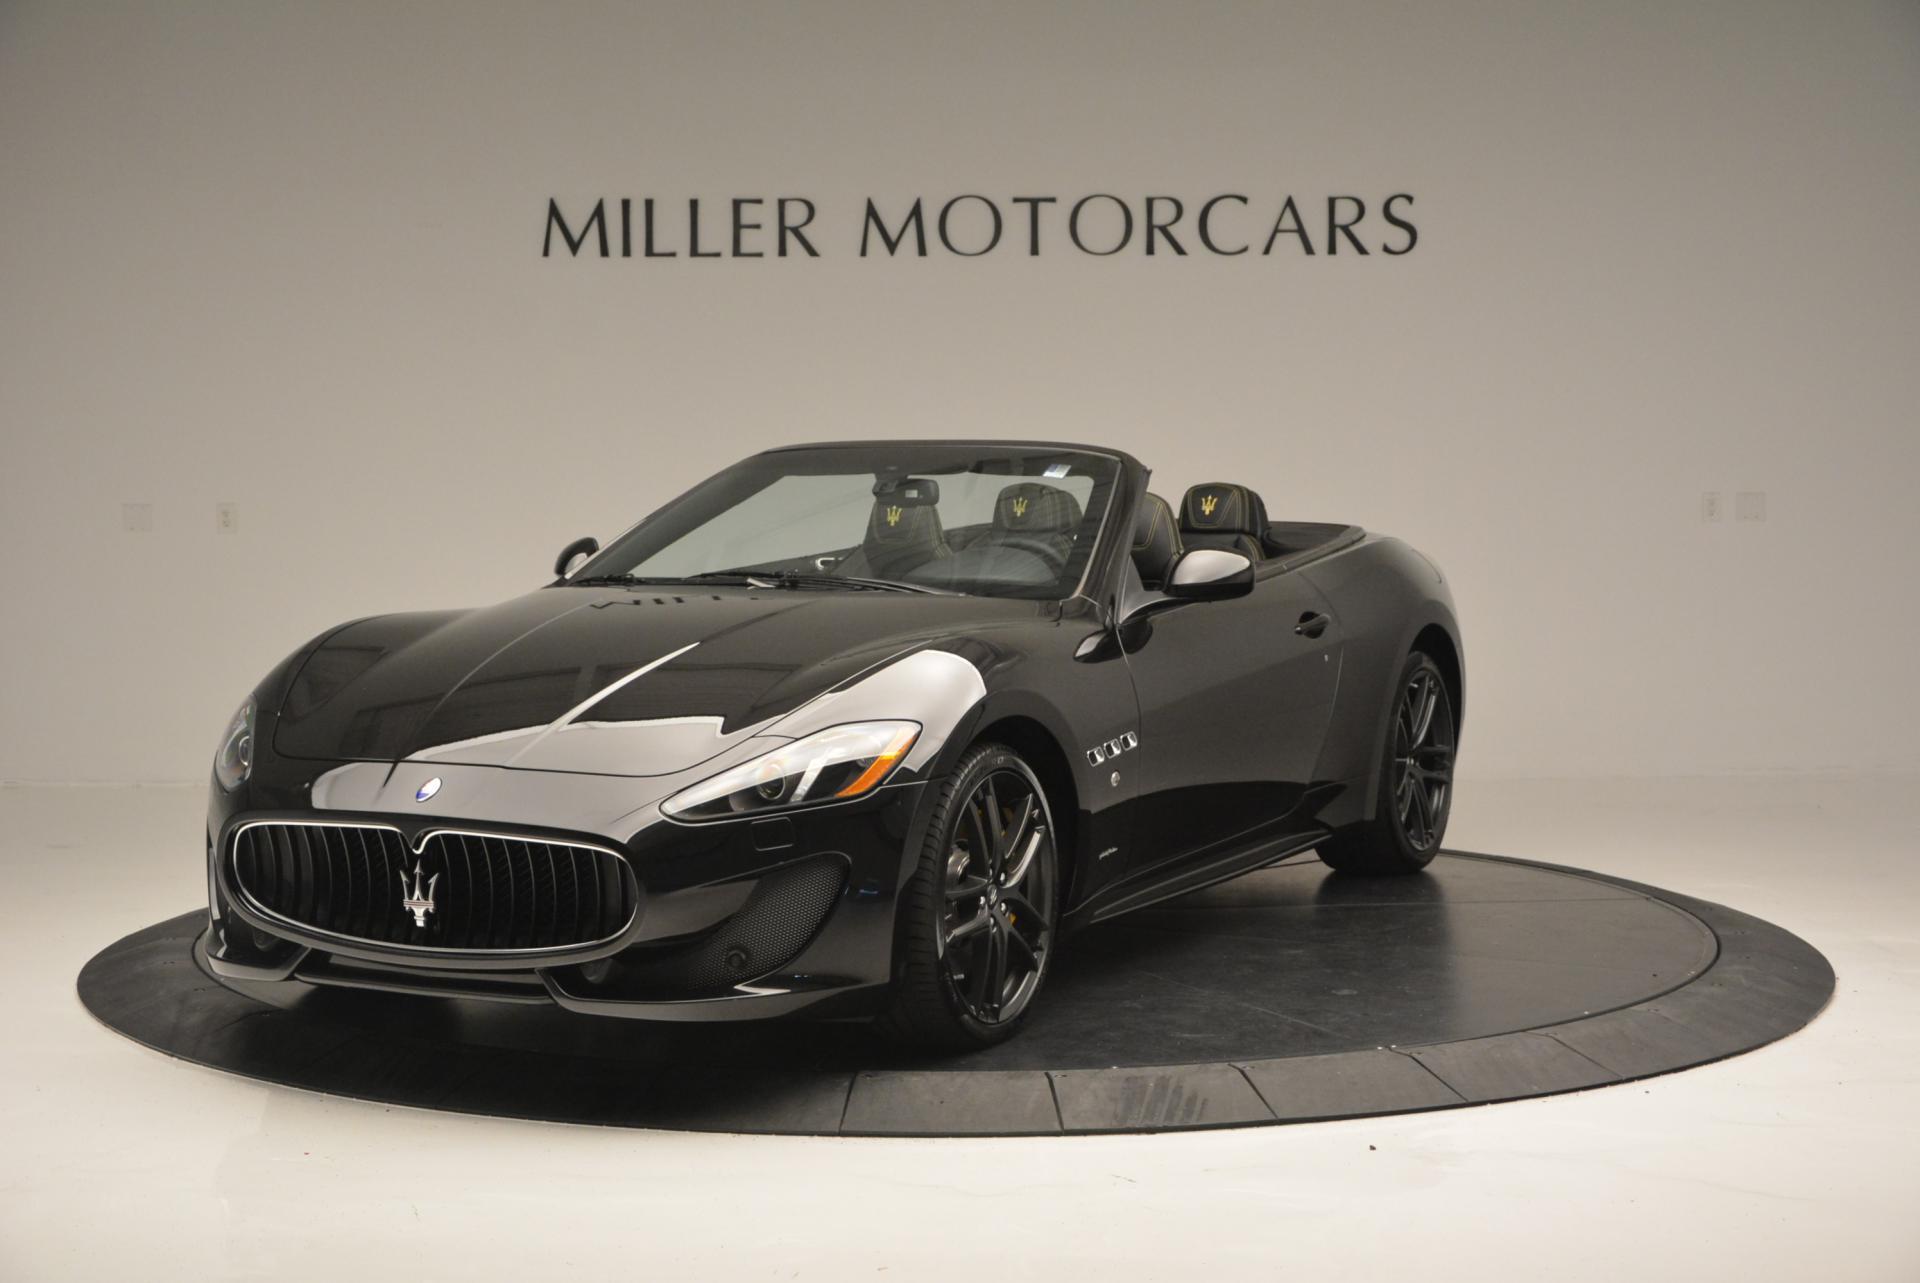 New 2017 Maserati GranTurismo Convertible Sport For Sale In Greenwich, CT 159_main